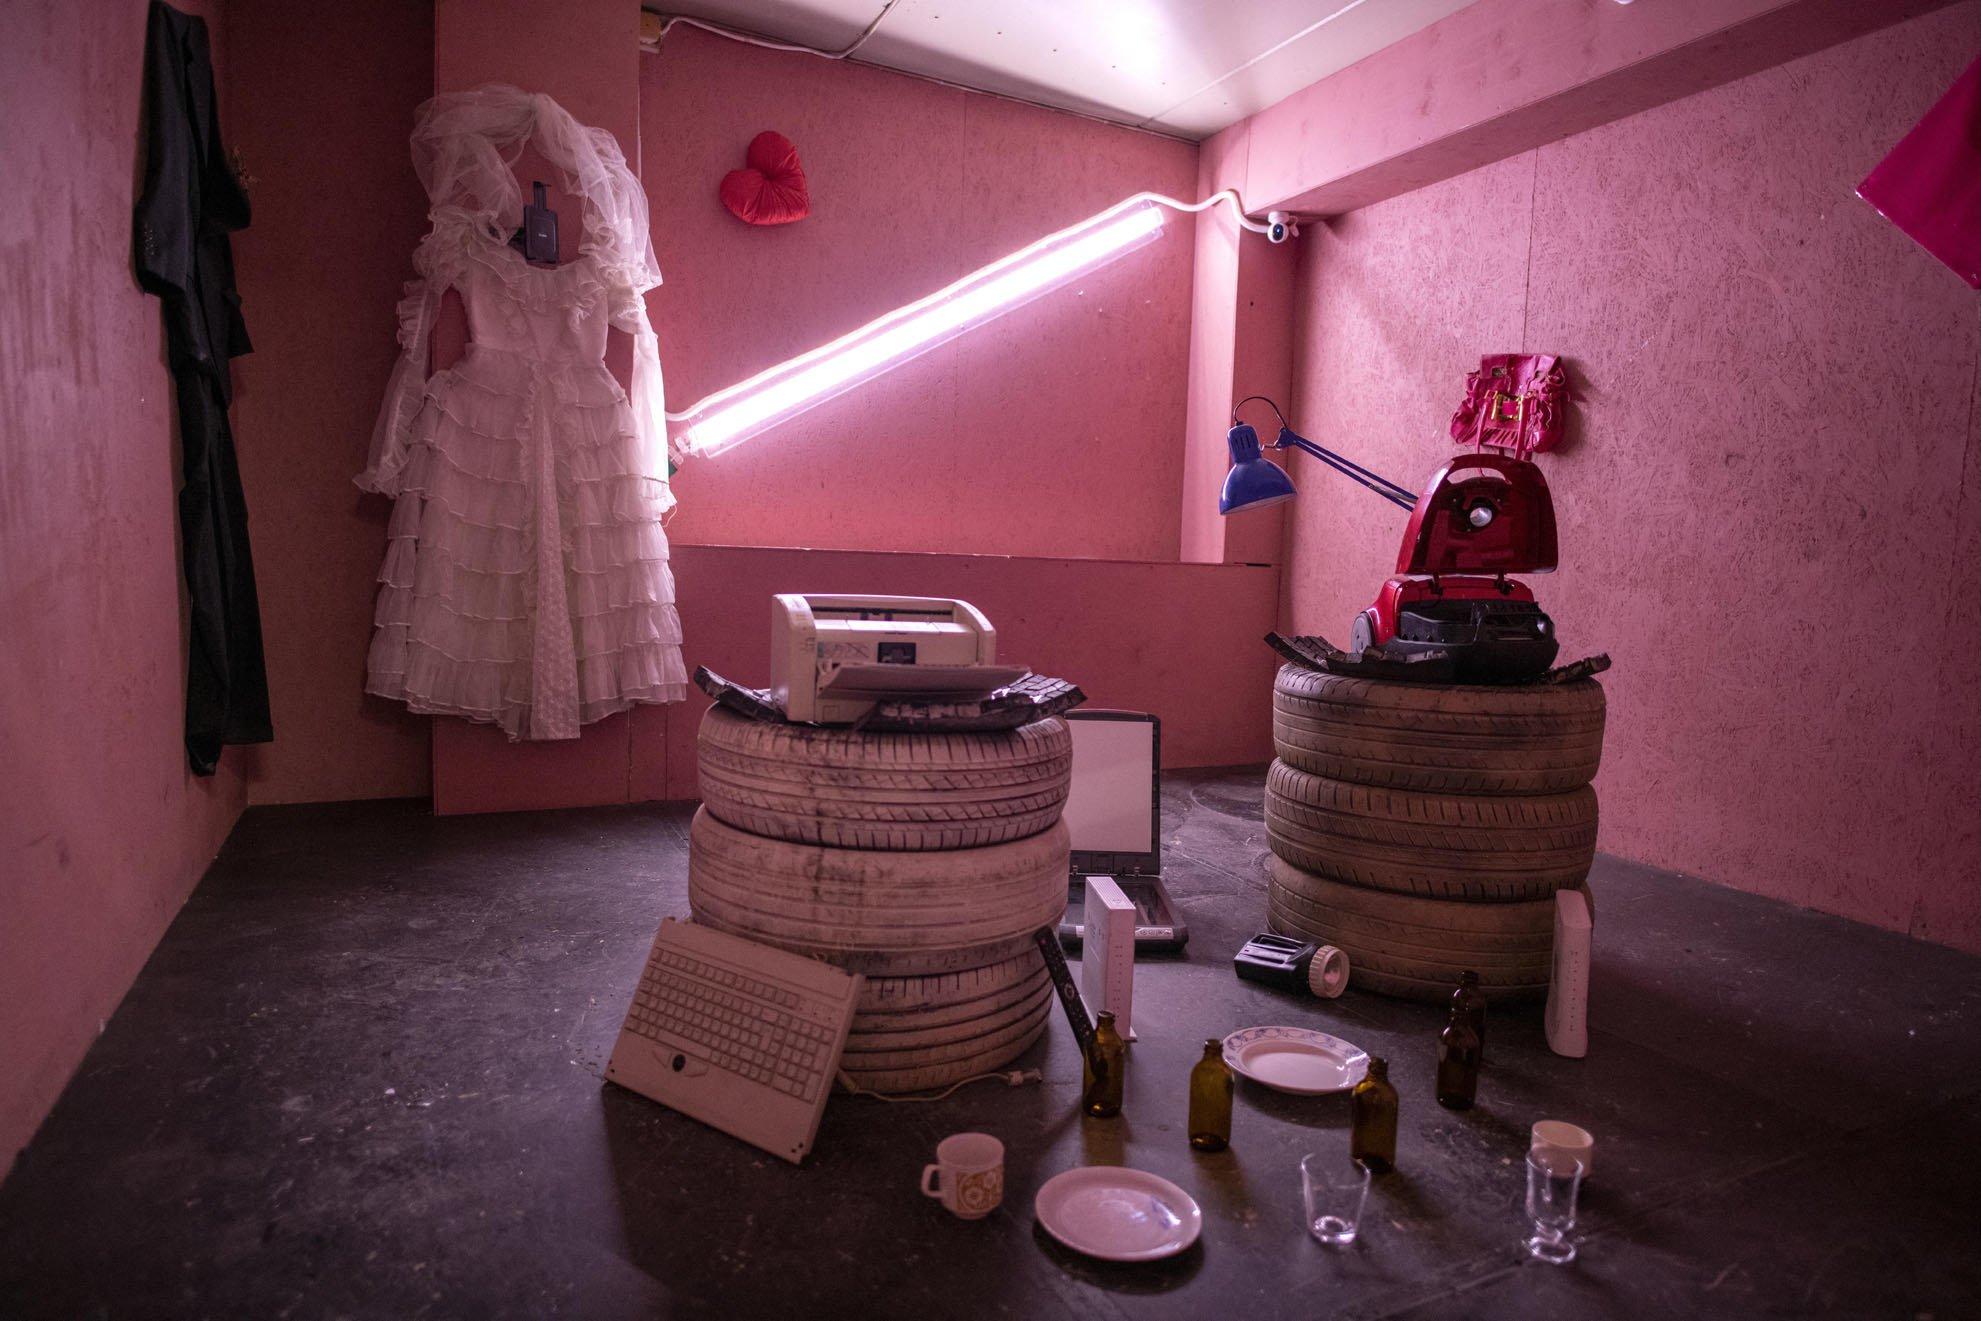 Căn phòng với những bộ đồ cưới được các quý bà quý cô lựa chọn nhiều nhất - Ảnh: AFP